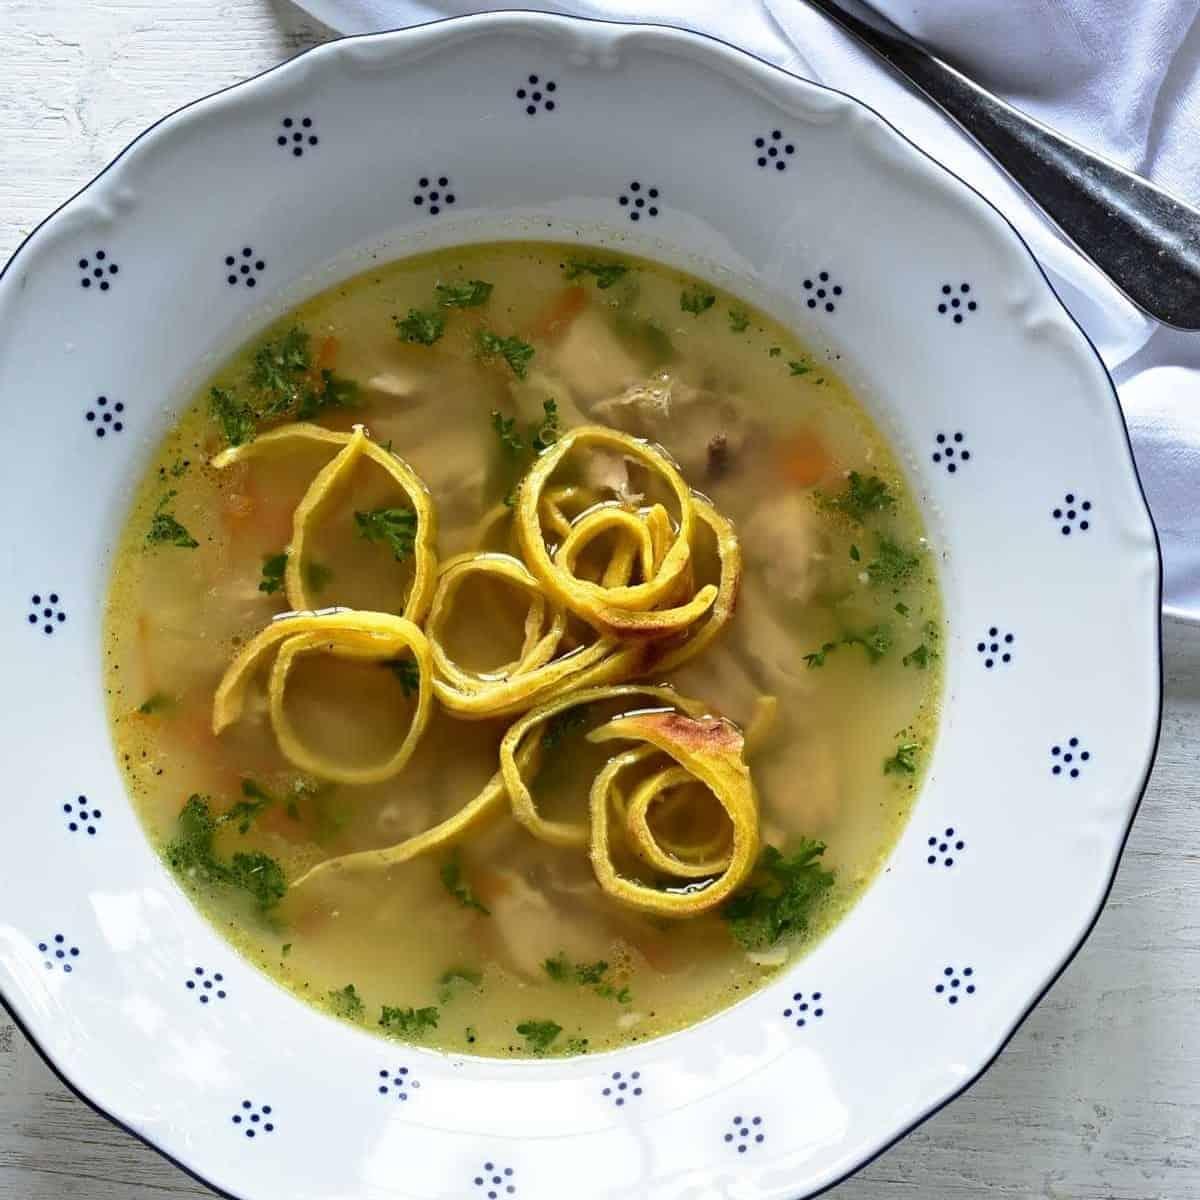 A clear soup served with celestýnské nudle (noodles).